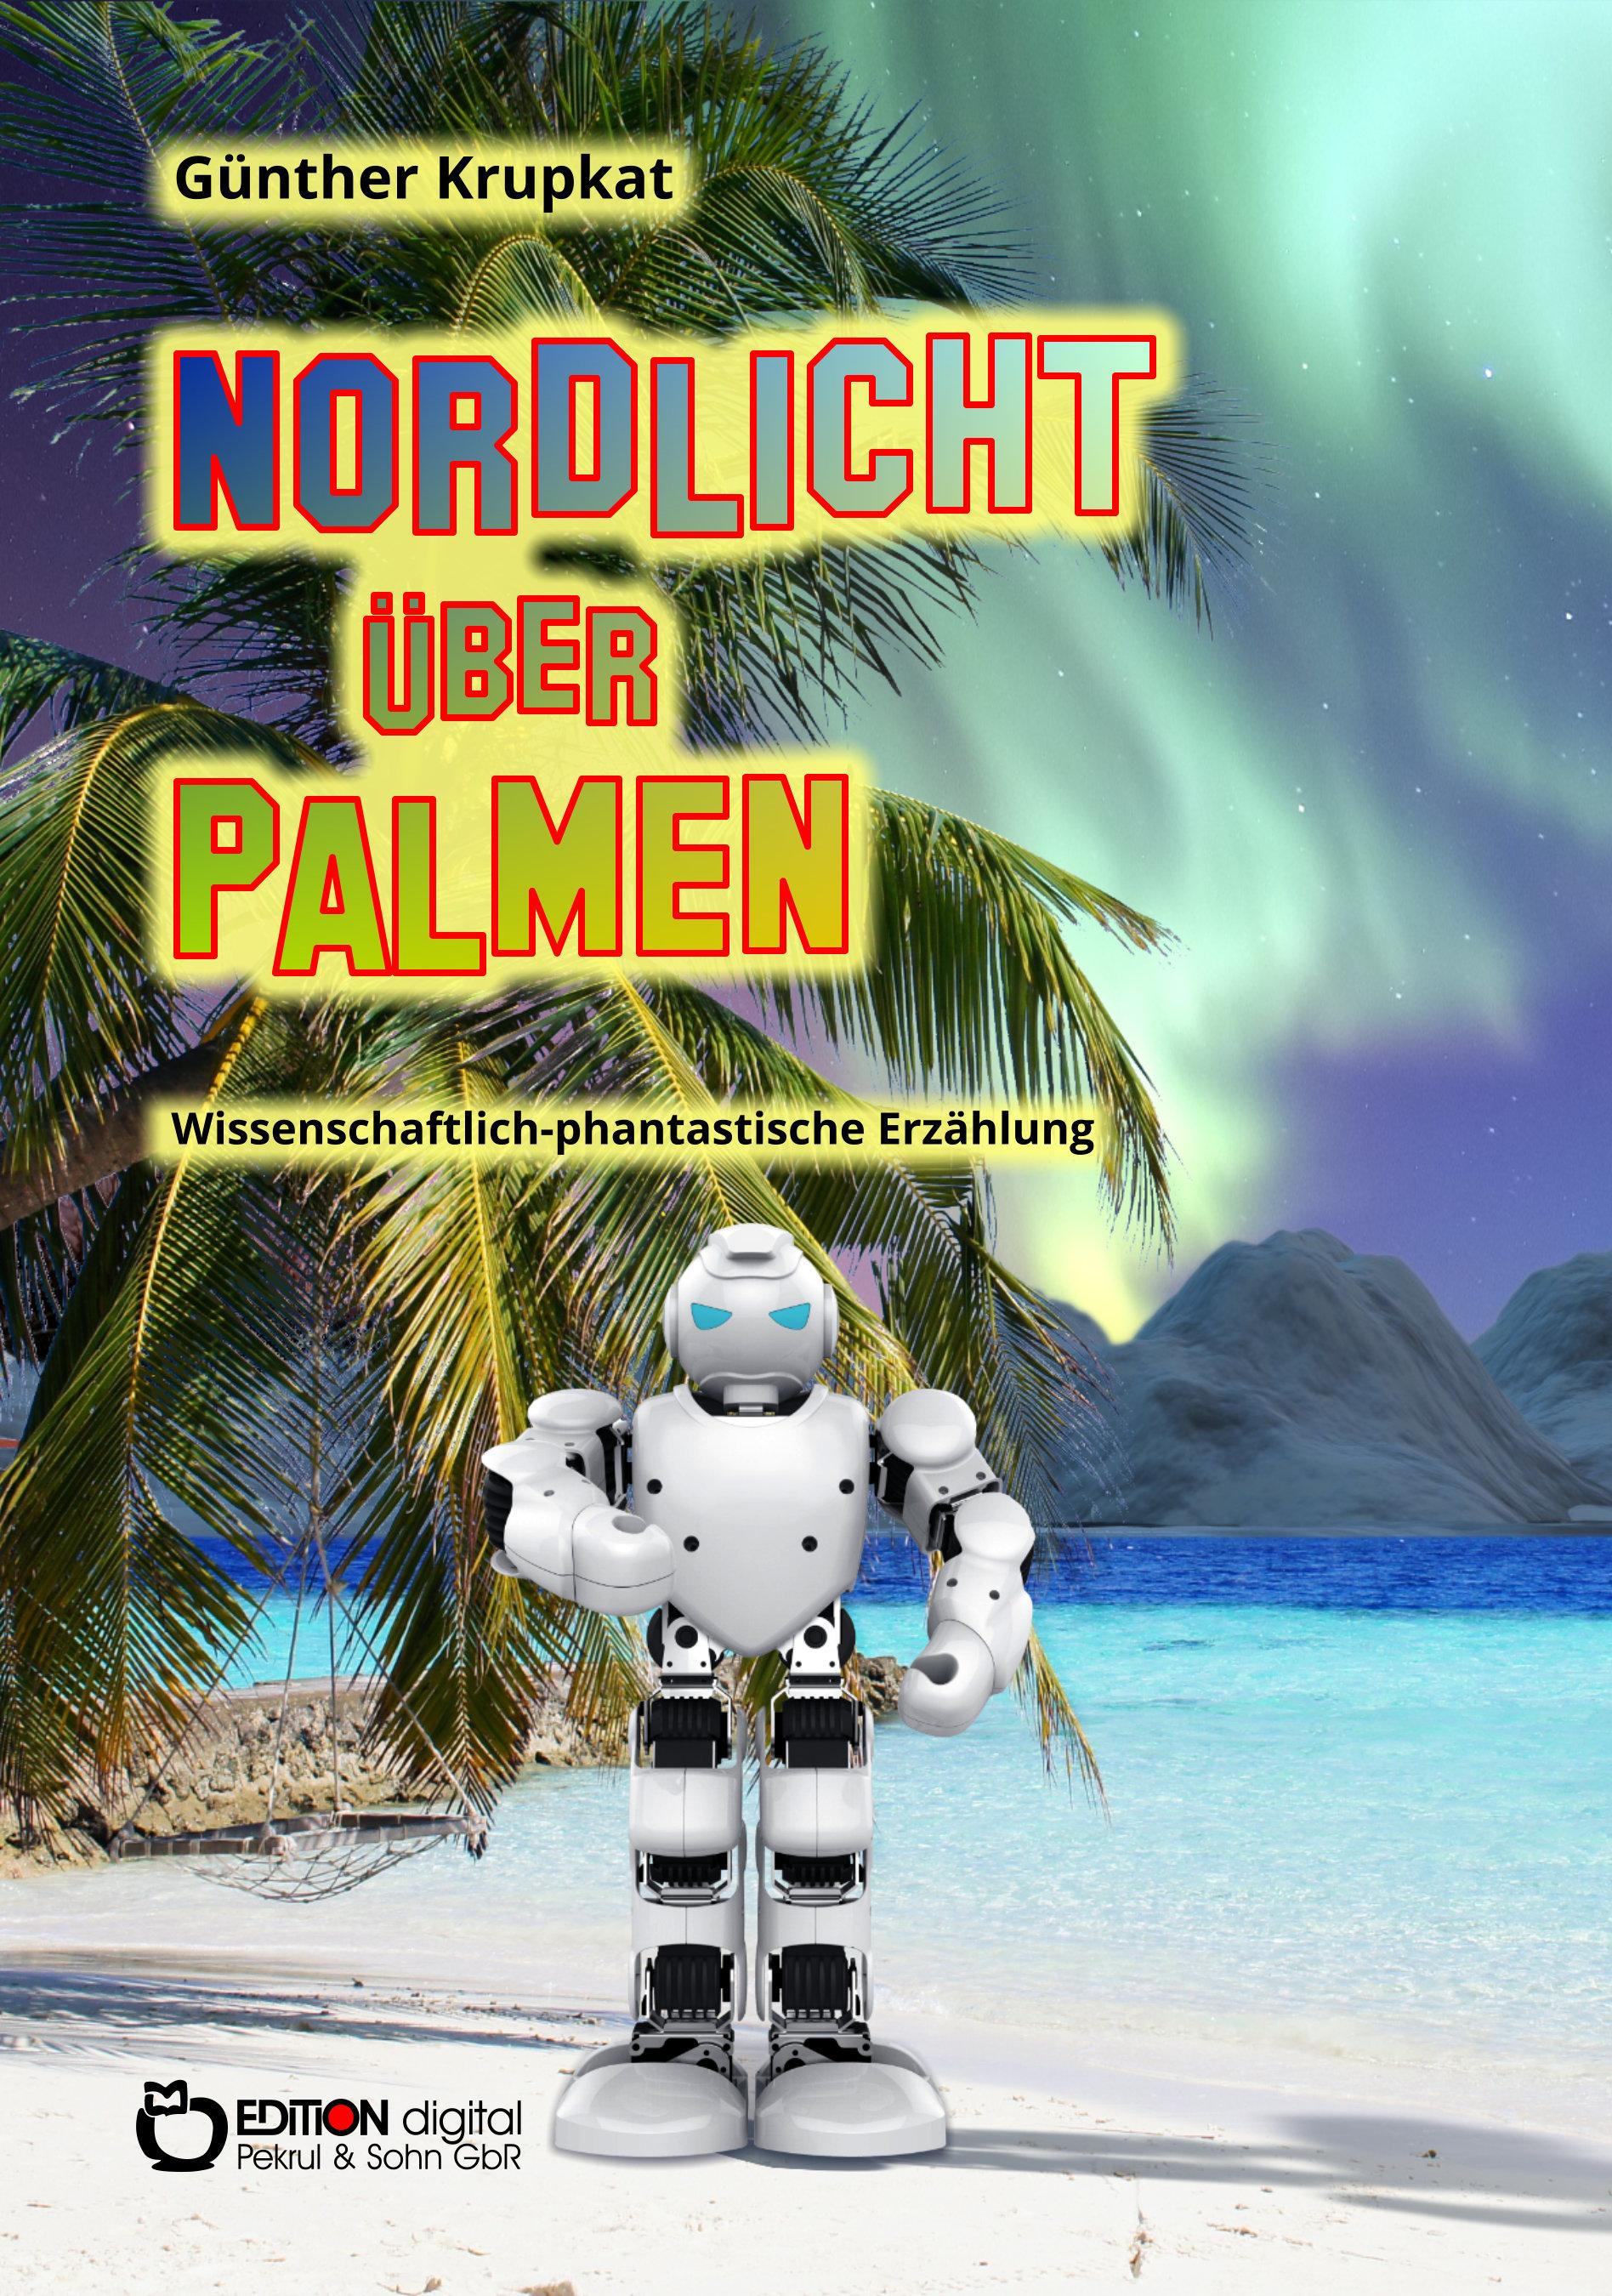 Nordlicht über Palmen. Wissenschaftlich-fantastische Erzählung von Günther Krupkat